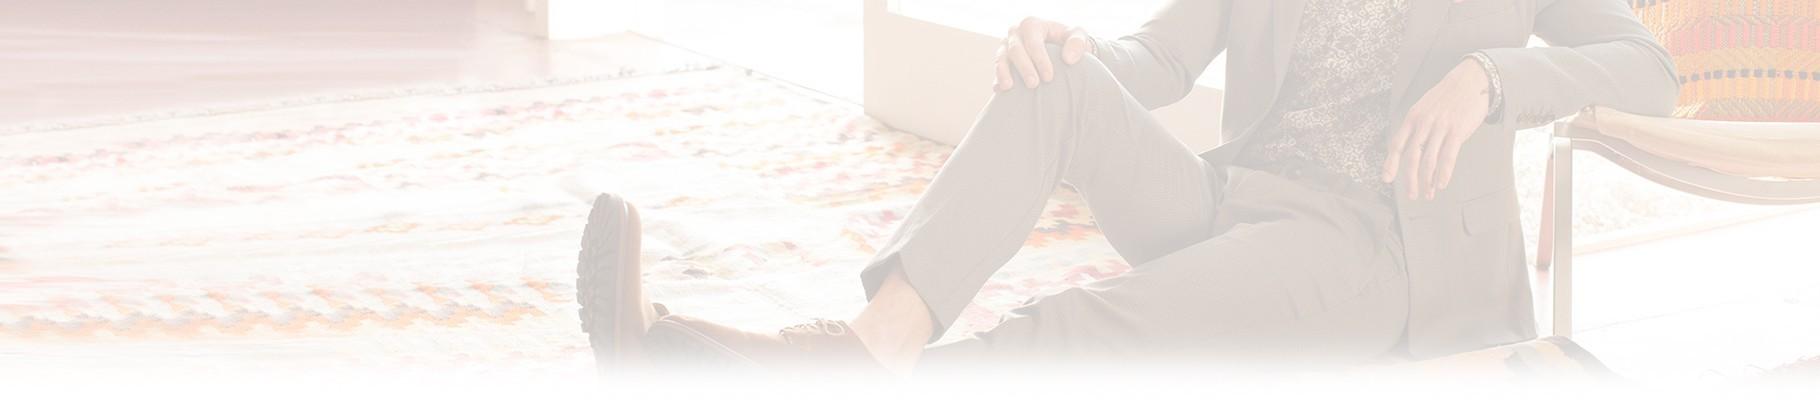 Pantaloni uomo firmati e alla moda tantissimi modelli tagli sartoriali